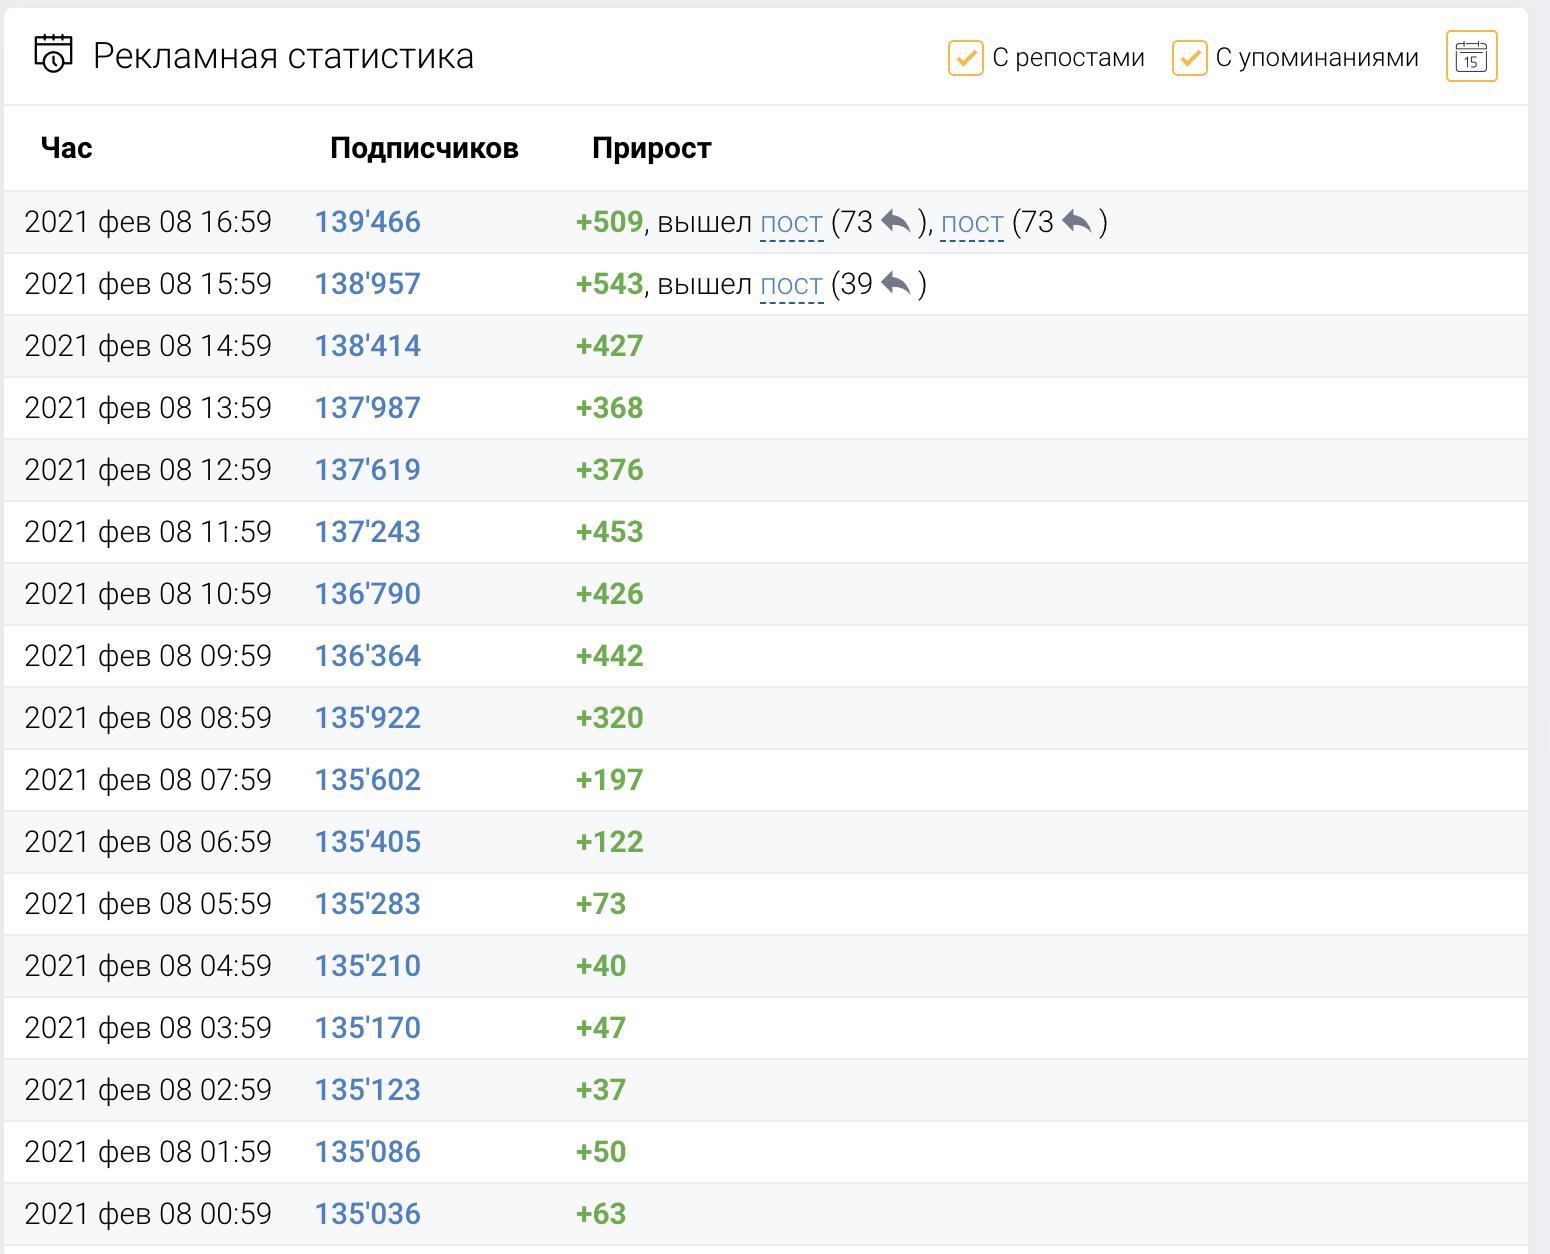 Как определить накрученные каналы в Telegram 14